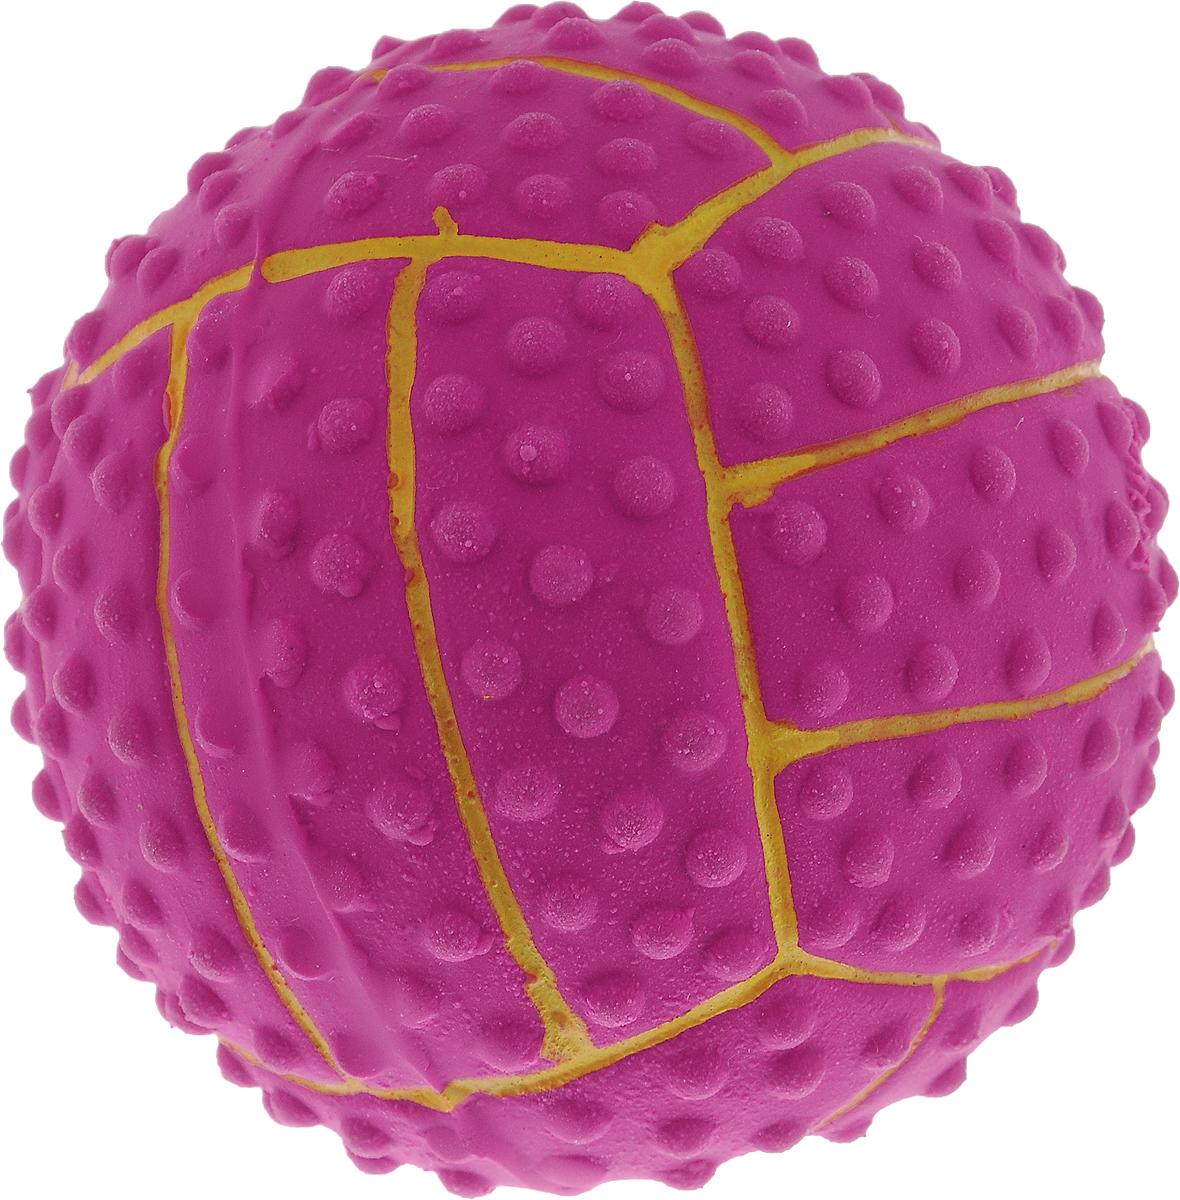 Игрушка для собак Dezzie Мяч. Волейбол, с пищалкой, диаметр 7,5 см5620042Игрушка для собак Dezzie Мяч. Волейбол изготовлена из латекса в виде волейбольного мяча и оснащена пищалкой. Латекс не твердеет под действием желудочного сока, поэтому игрушку можно смело покупать даже самым маленьким щенкам. Такая обеспечит досуг собаке и не позволит ей скучать. Она безопасна для здоровья животного. Игрушка очень легкая, поэтому собаке совсем нетрудно брать ее в пасть и переносить с места на место. Игрушка для собак Dezzie Мяч. Волейбол станет прекрасным подарком для неугомонного четвероногого питомца. Диаметр мяча: 7,5 см.